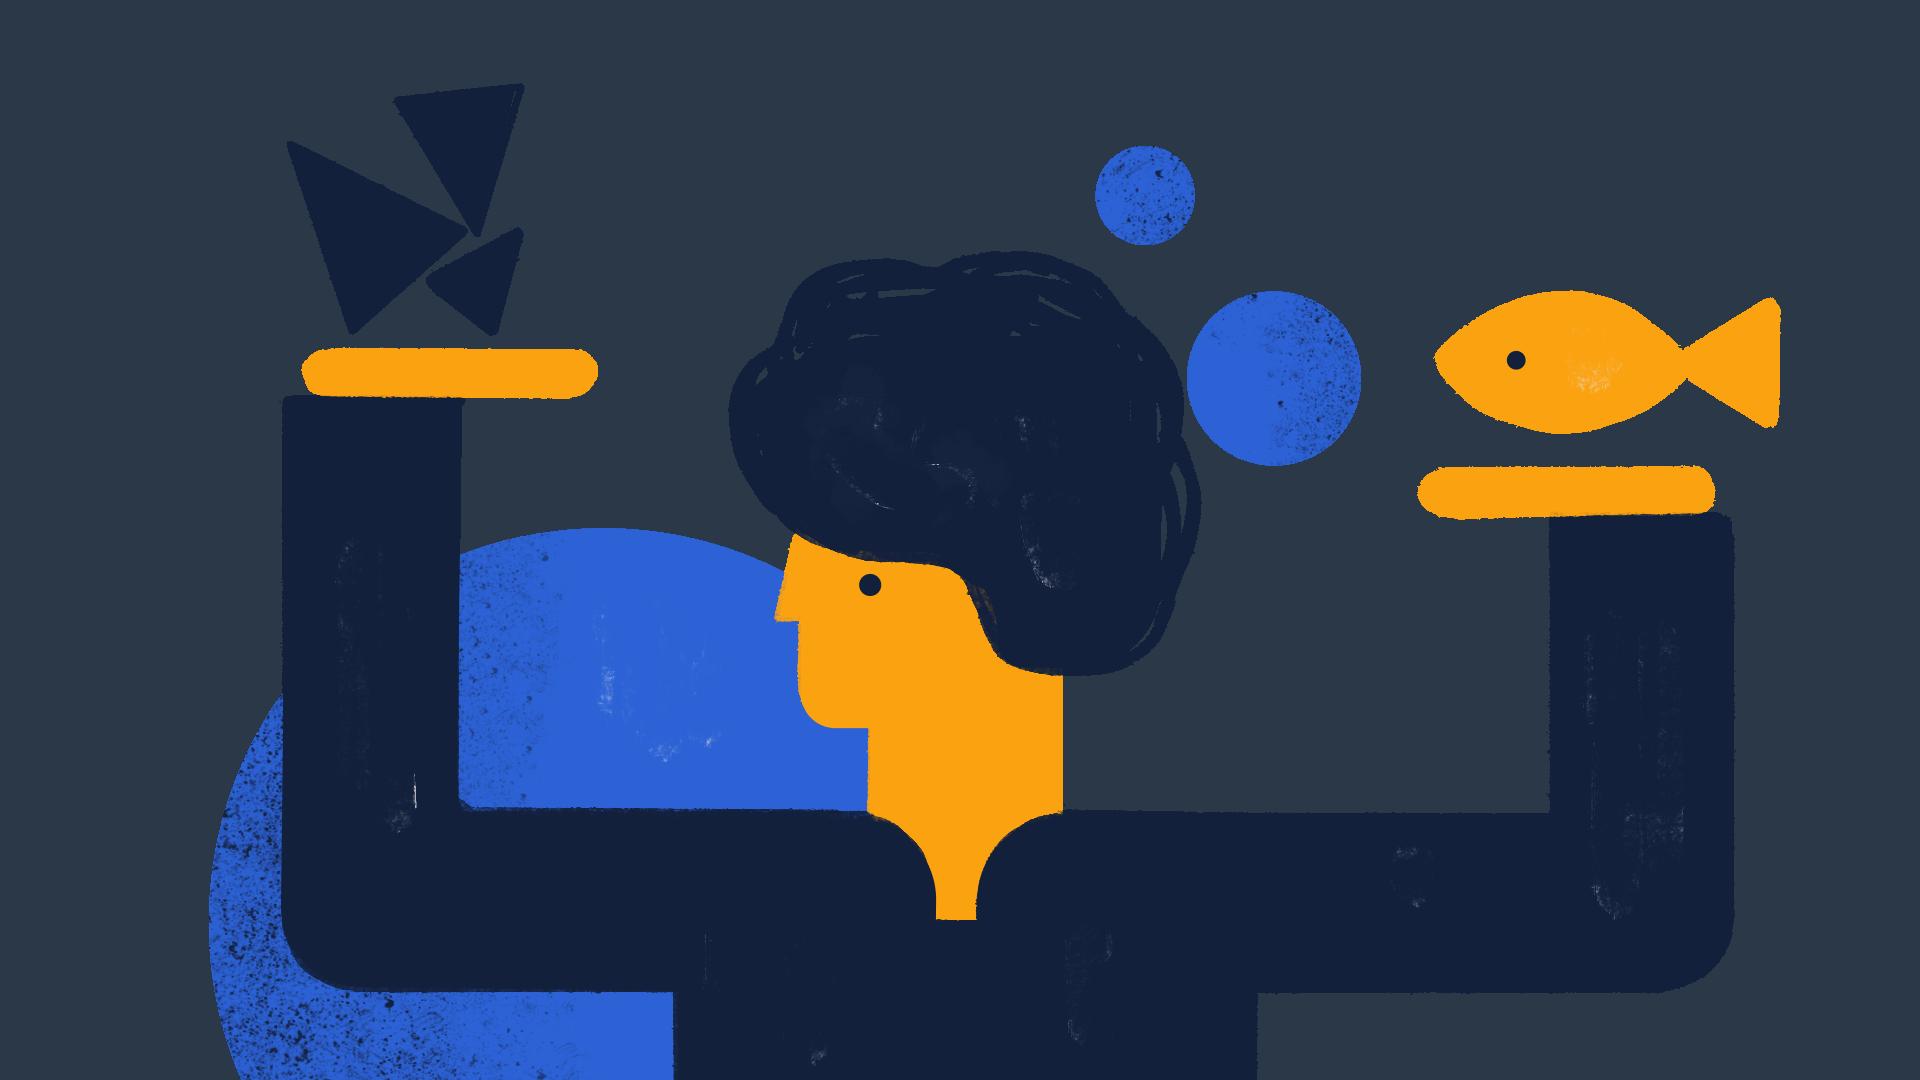 资深UX设计师是如何深入了解用户行为的?